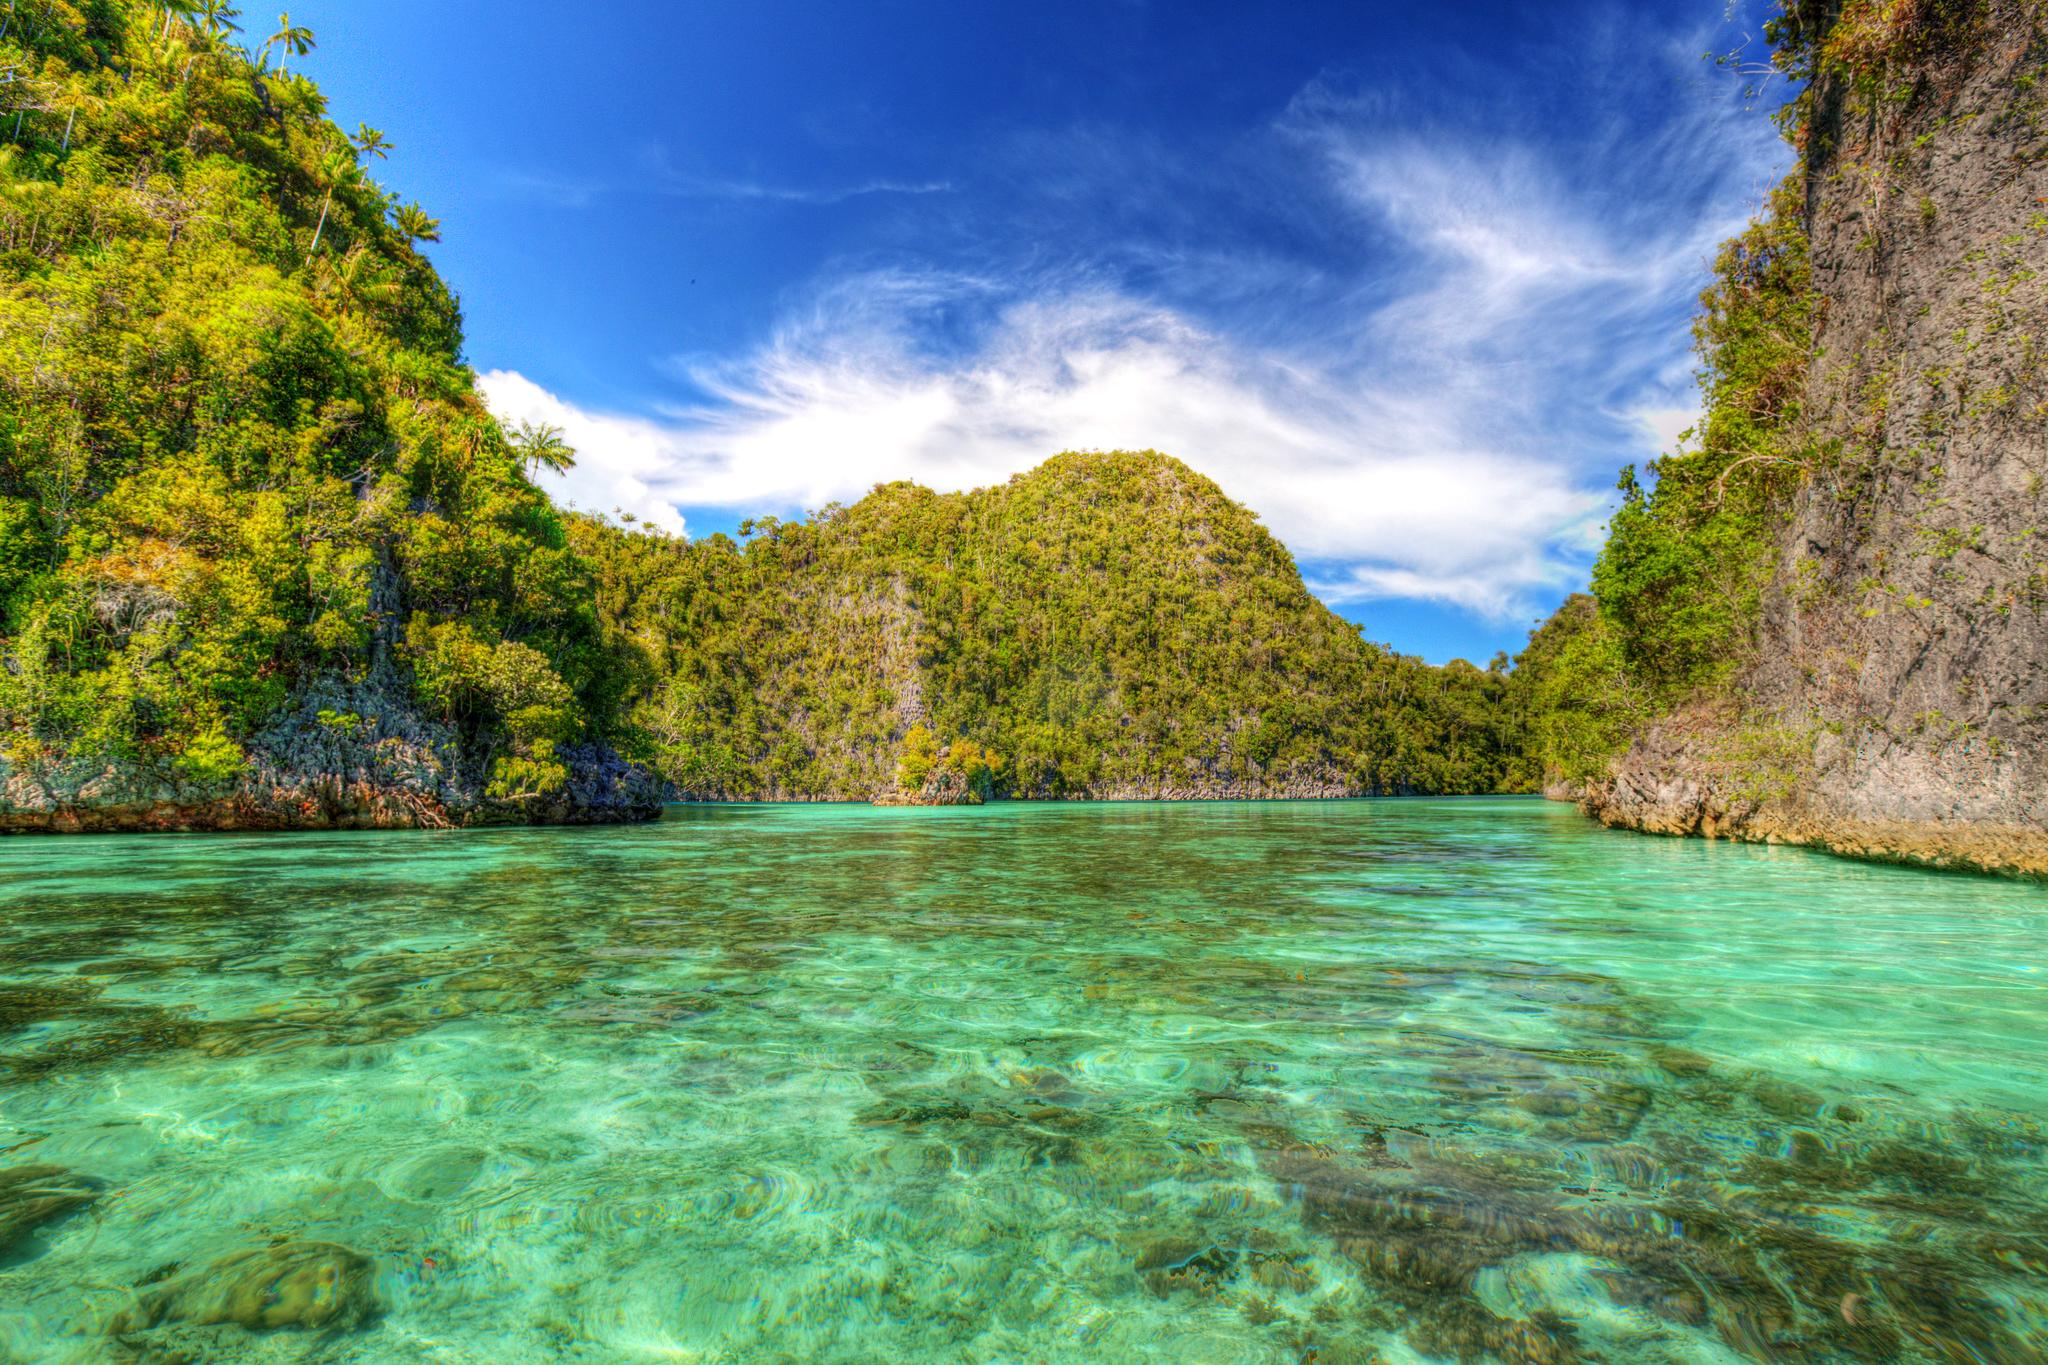 природа река деревь облака Индонезия  № 1670652 загрузить